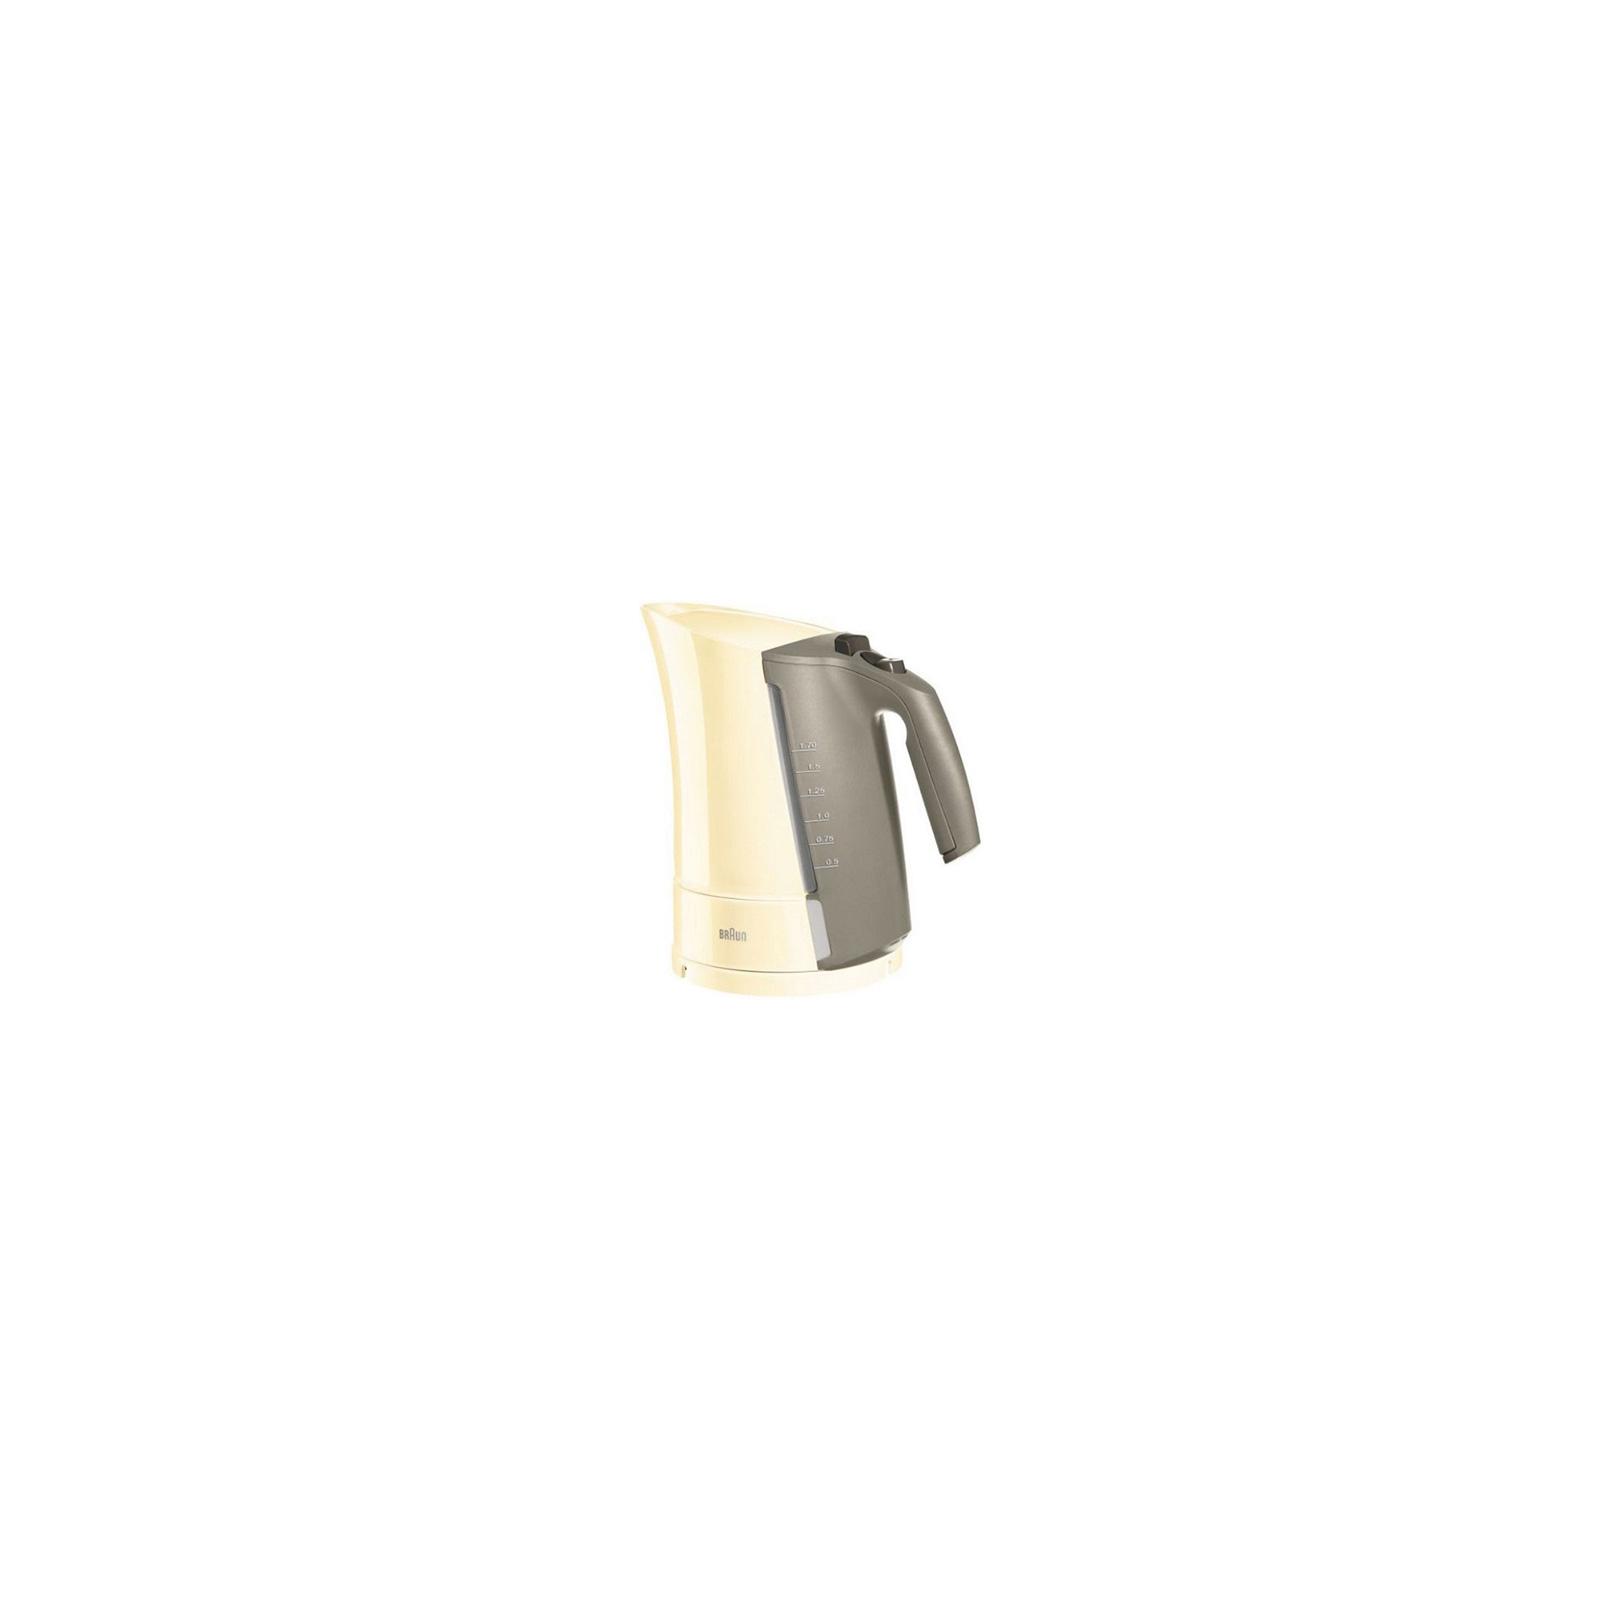 Электрочайник BRAUN WK 300 Cream (WK300Cream)